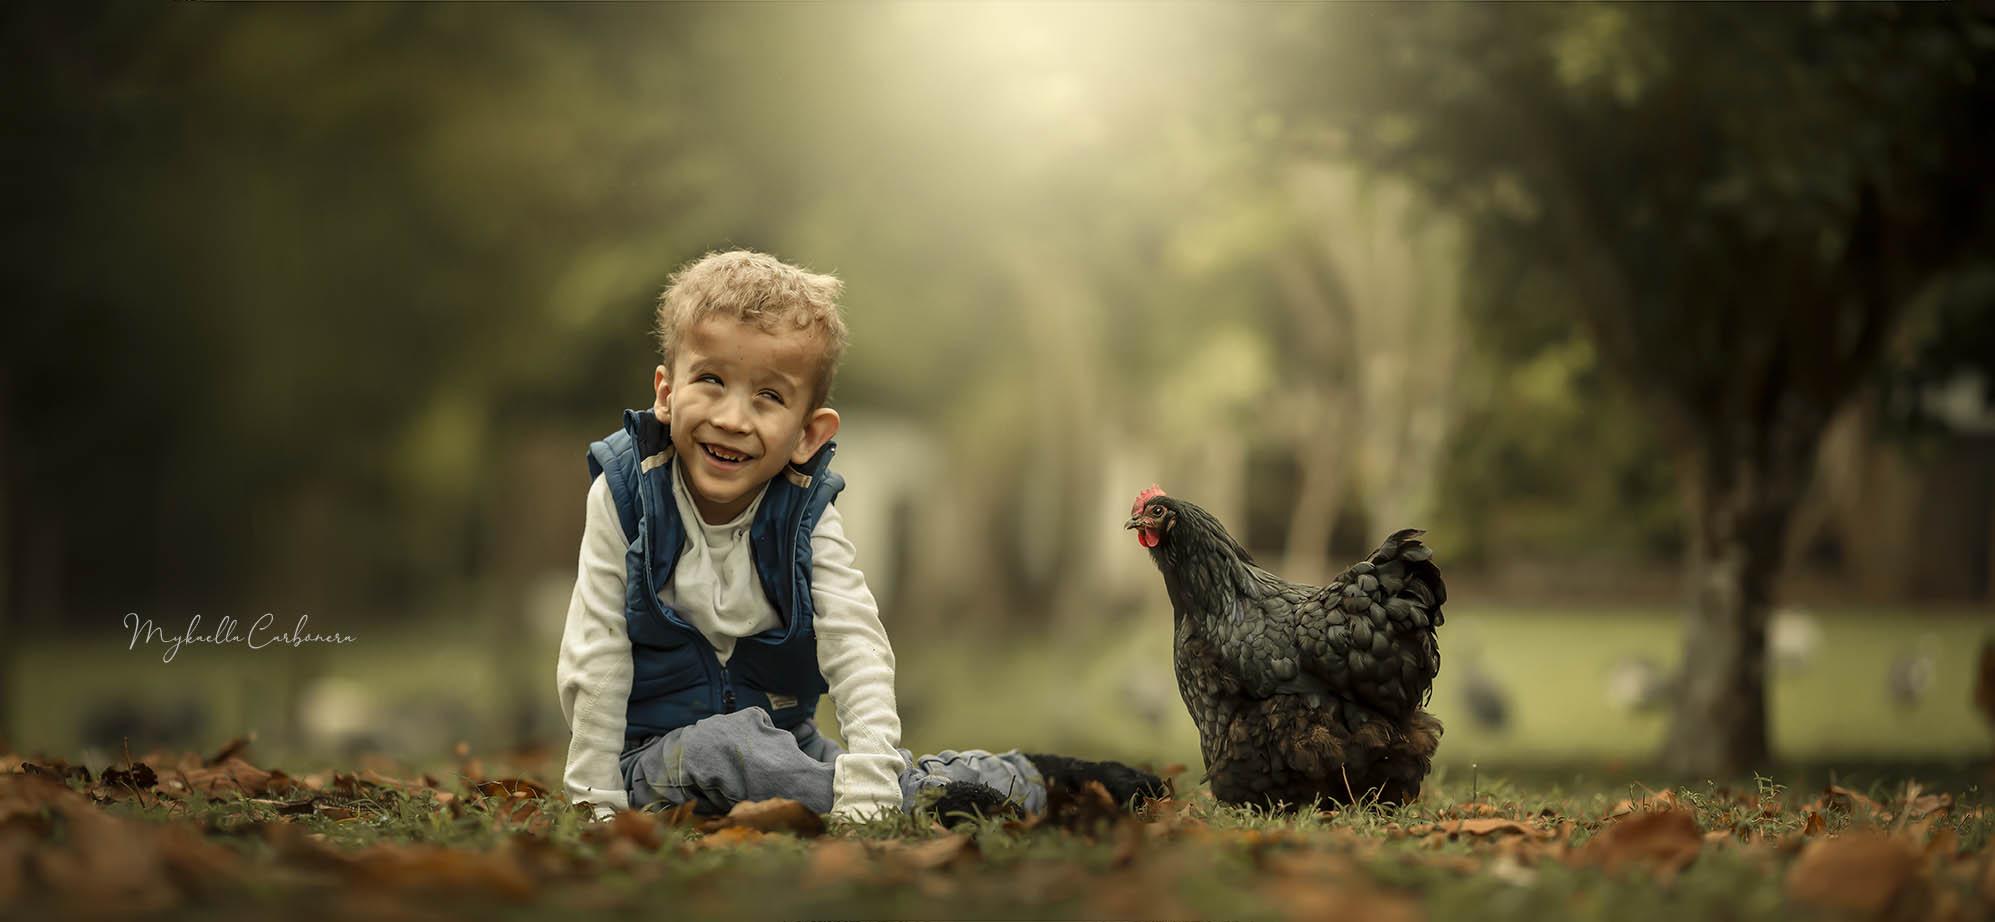 menino brincando com galinha preta